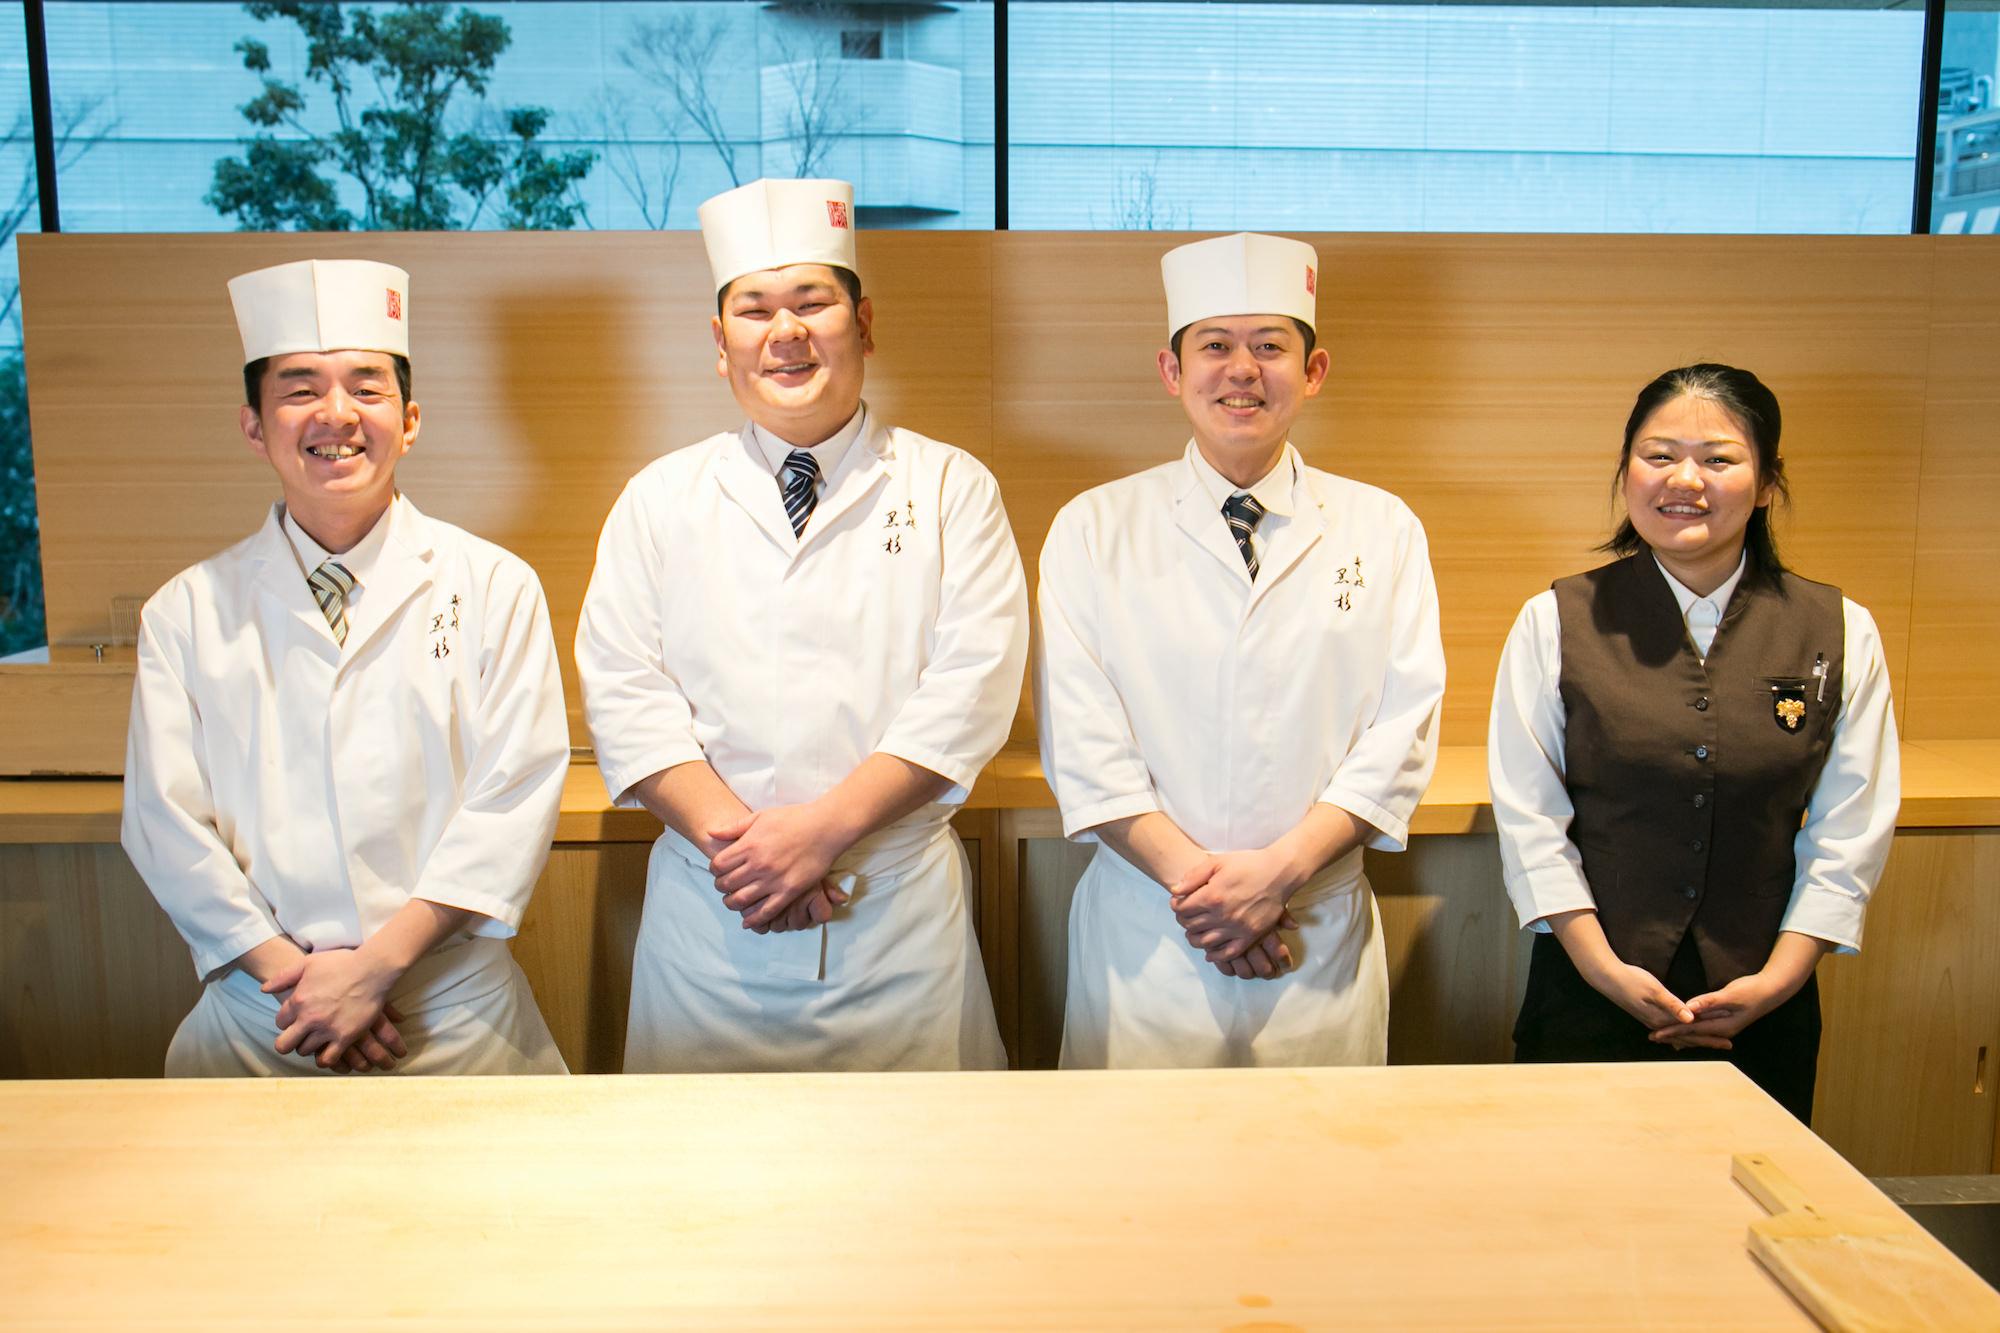 Sushidokoro Kurosugi Akihiro Kurosugi & staff